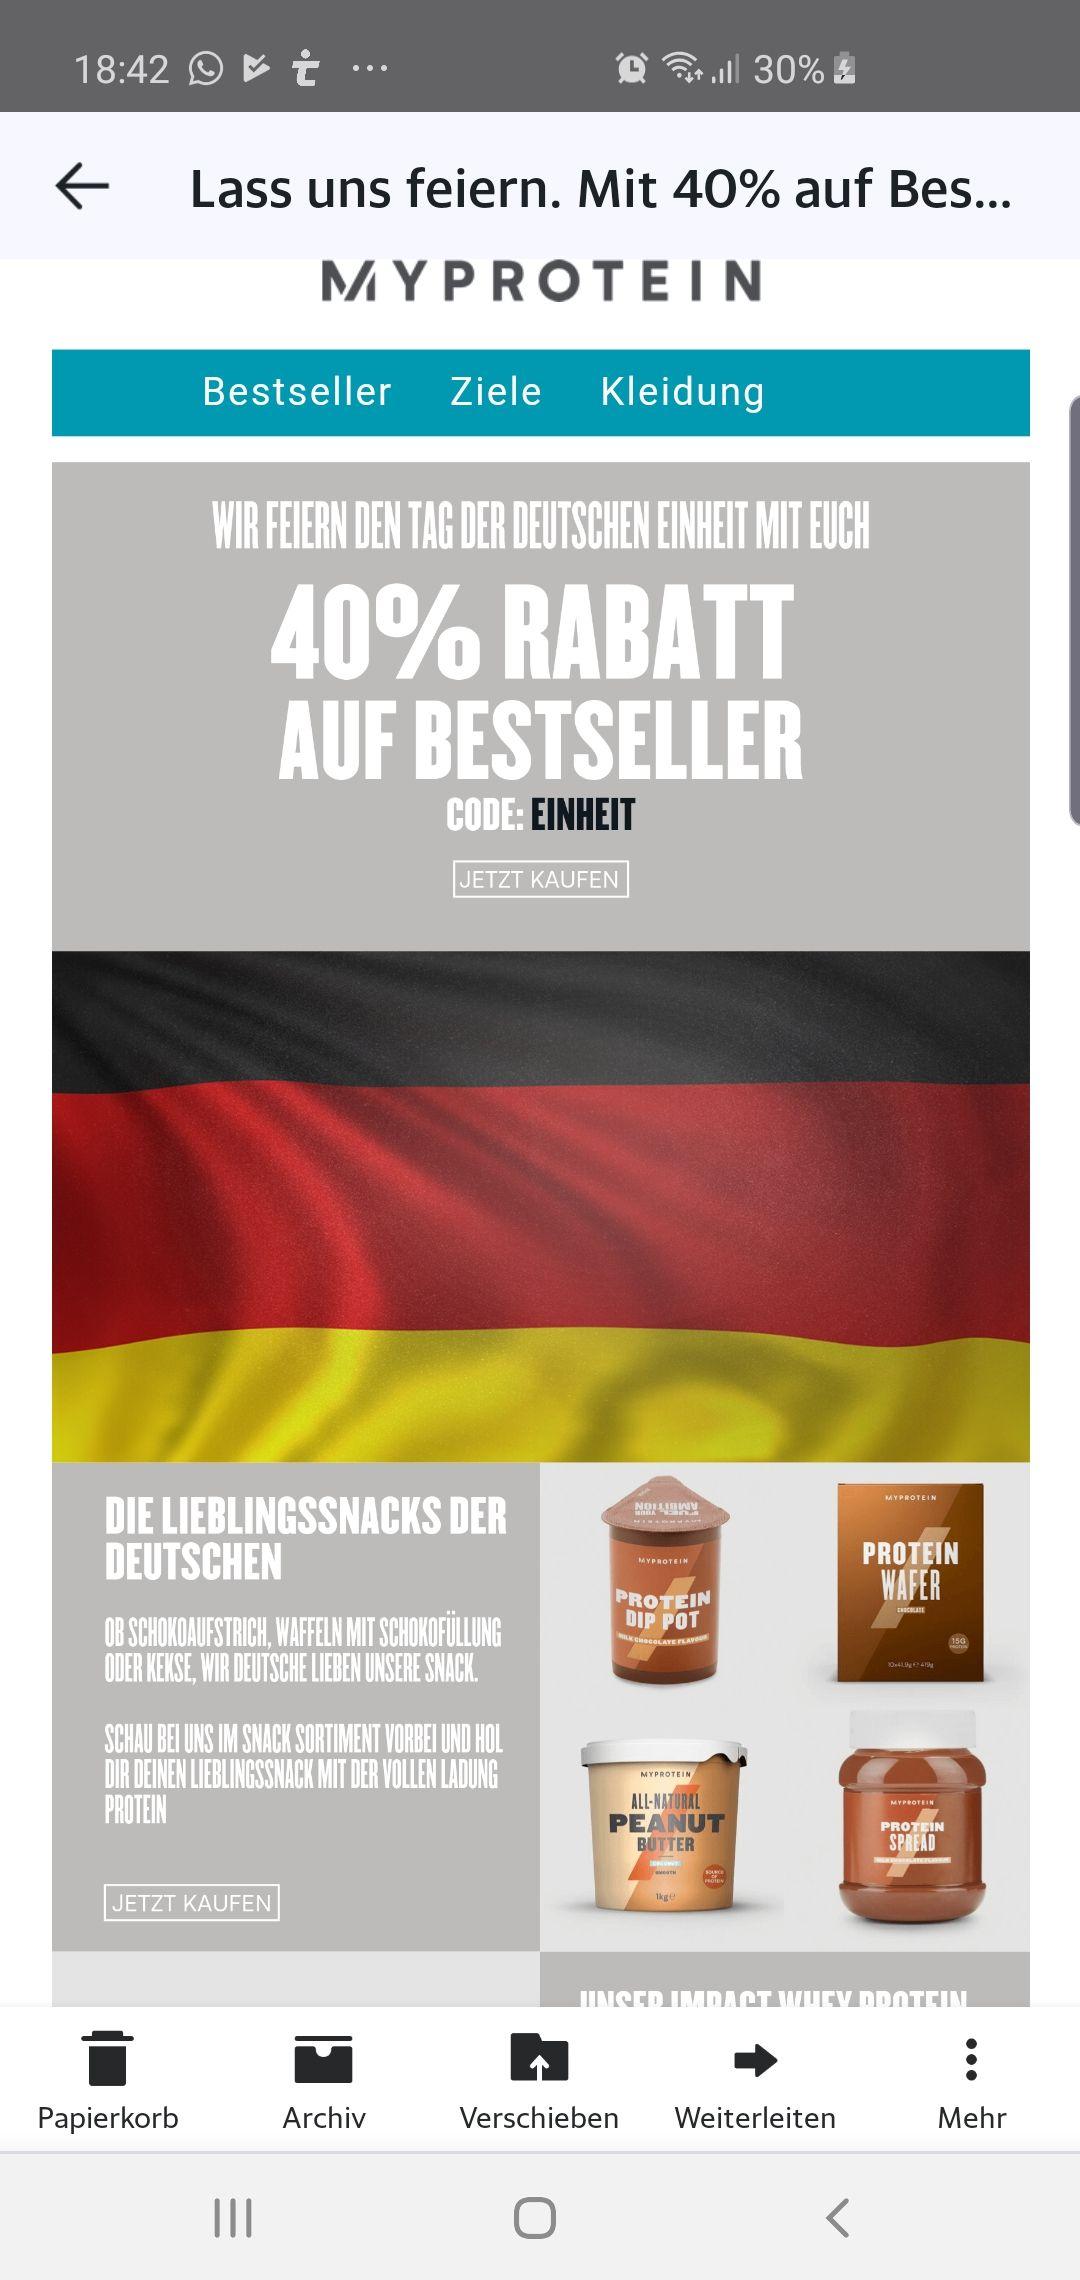 40% auf Bestseller bei Myprotein